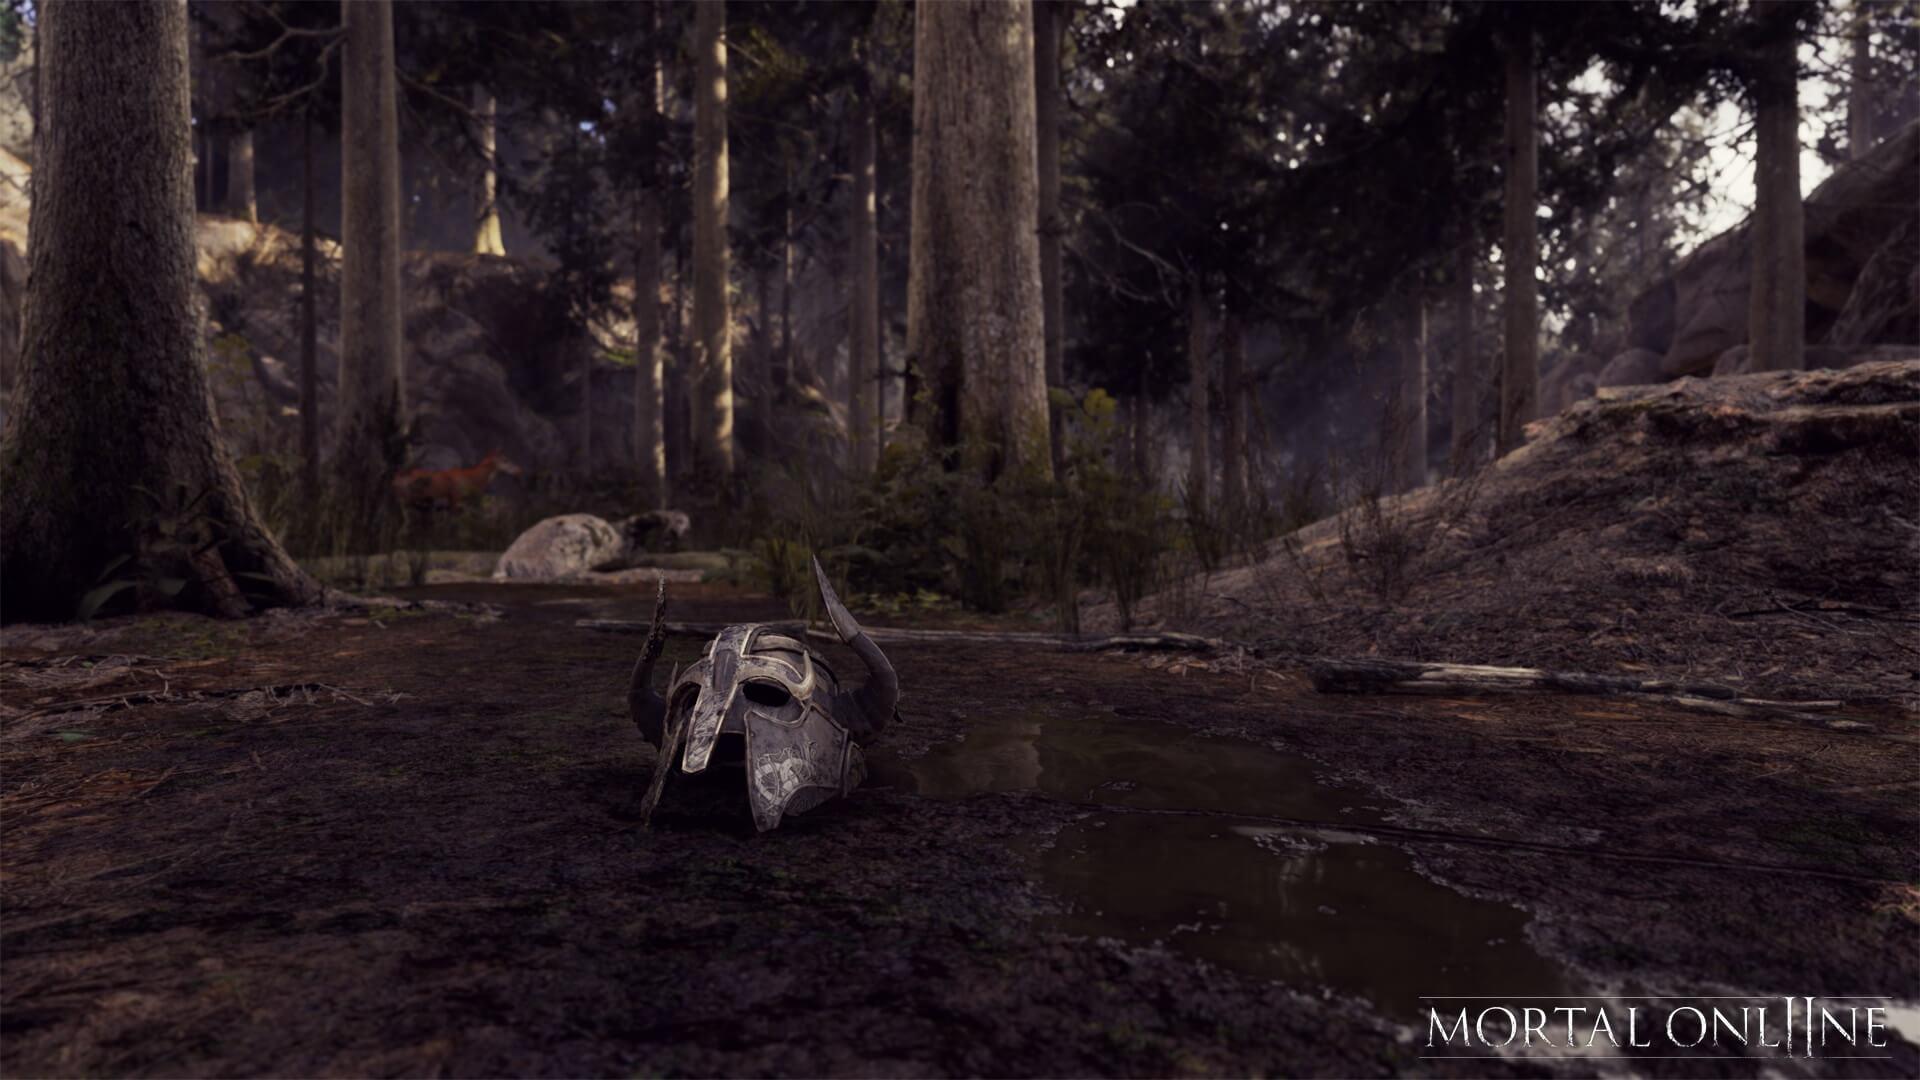 mortalonline2-environment-kallardianhelmet